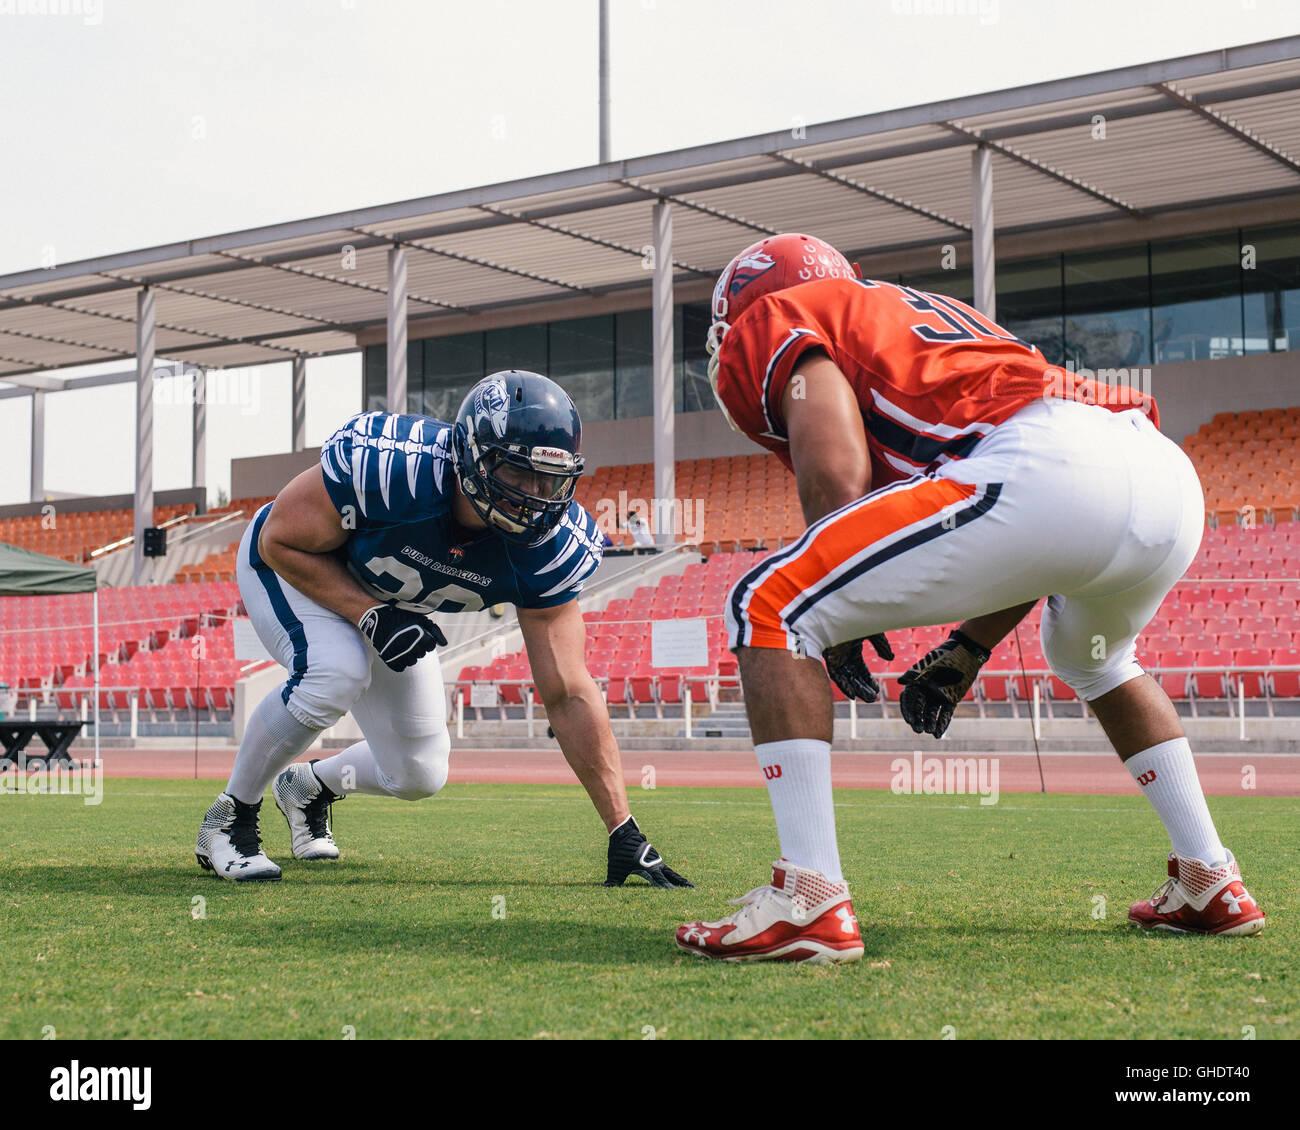 Joueurs de football américain s'affrontent au cours d'une session de formation. Photo Stock